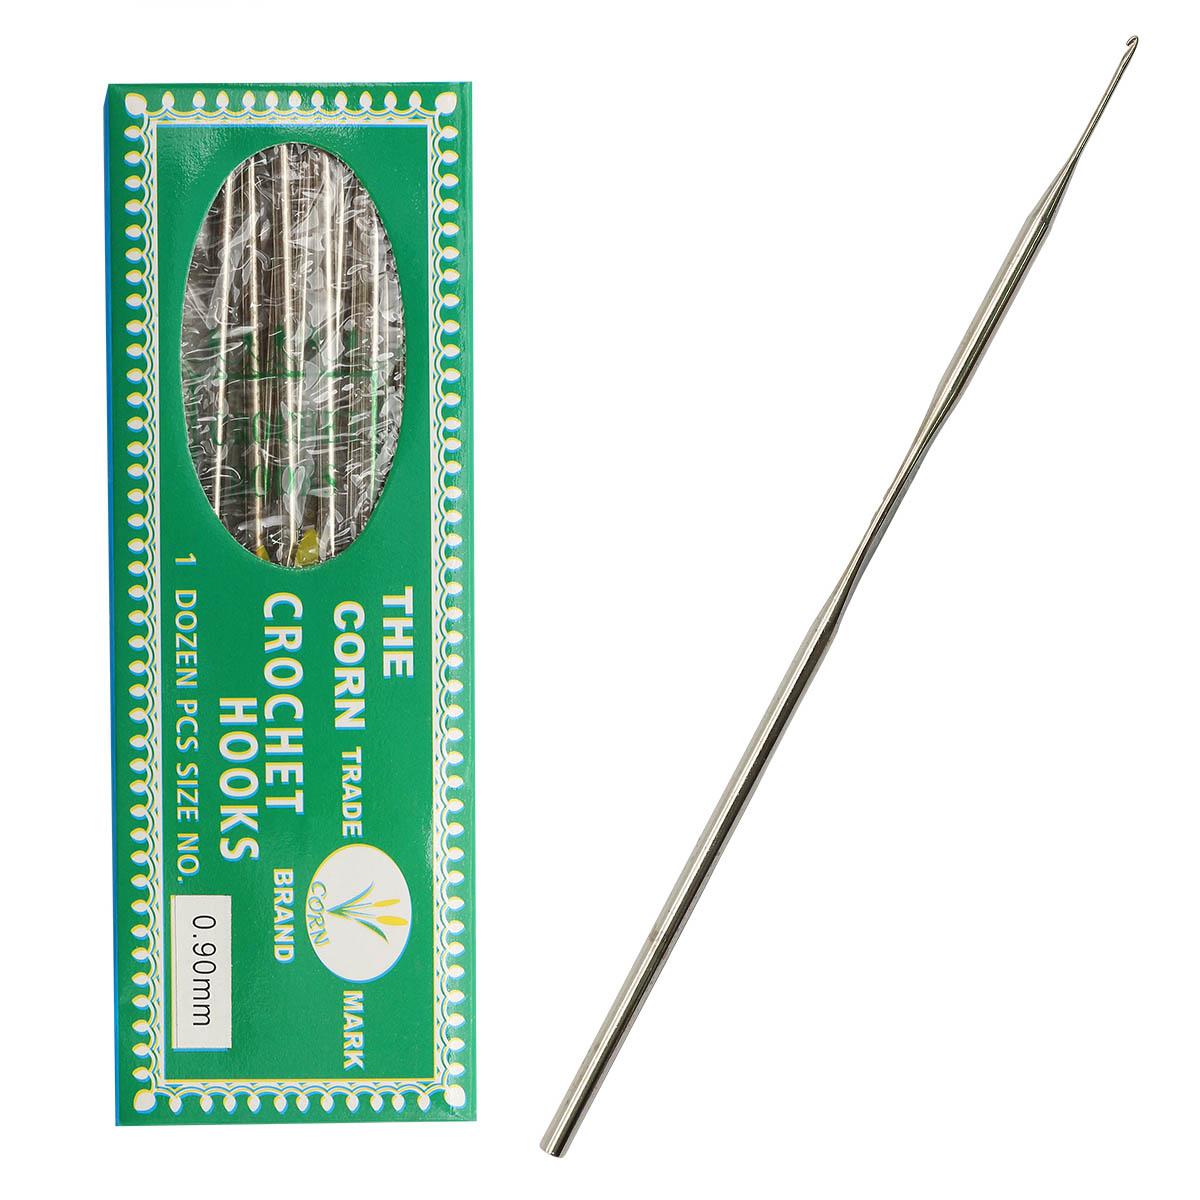 0333-6050 Крючок вязальный, 0,9 мм, упак./12 шт.